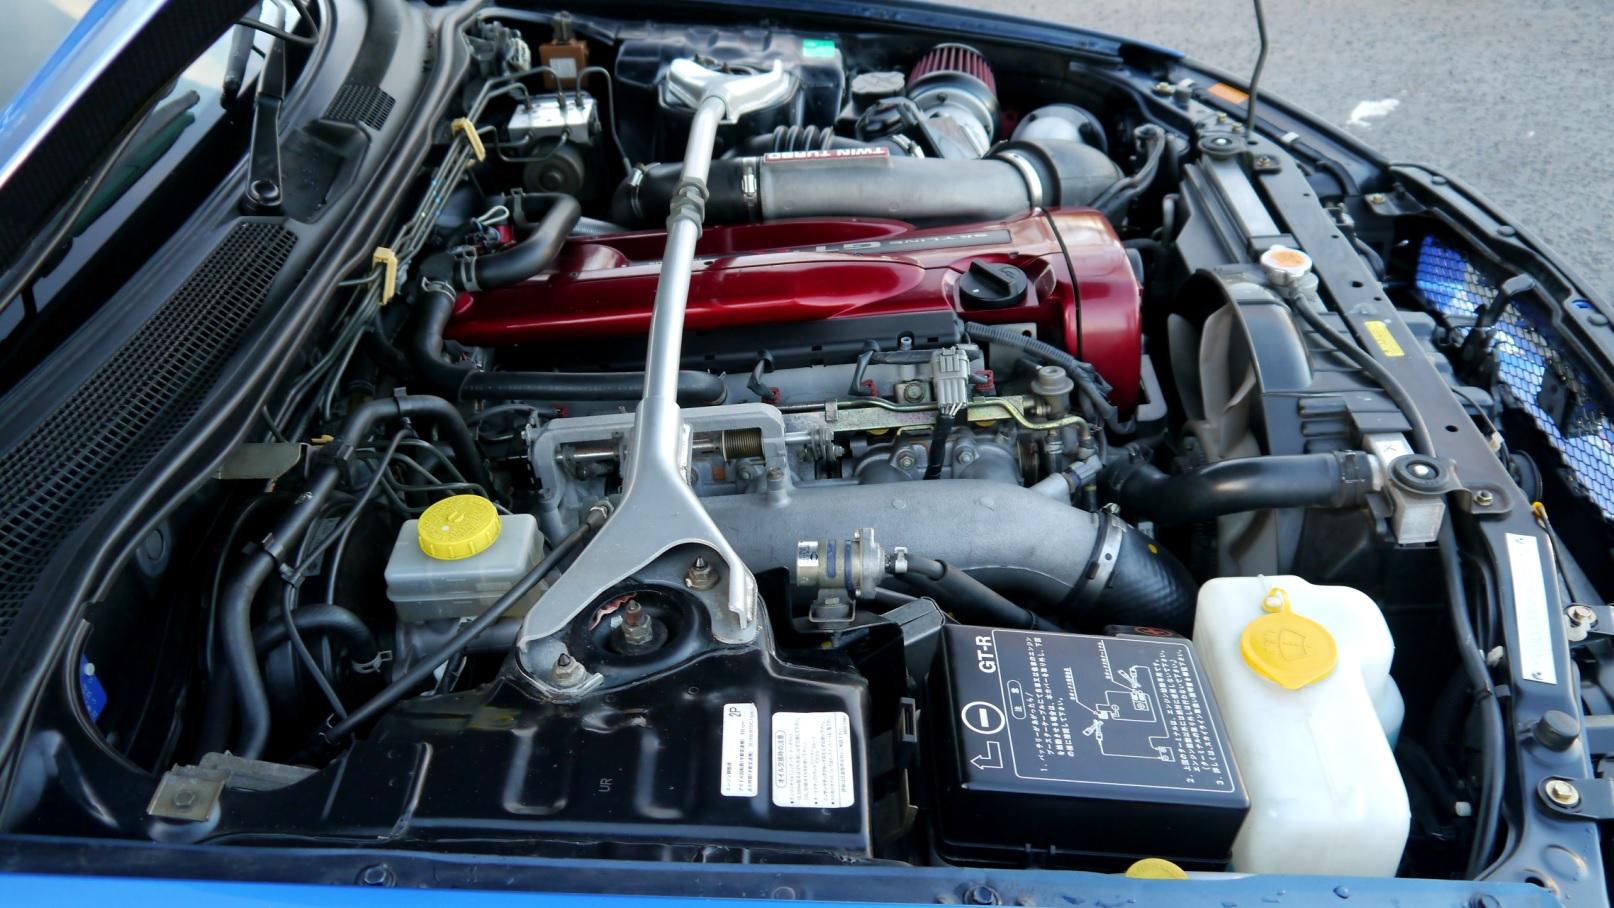 1999 Nissan Skyline R34 GTR 6 Speed Manual - http://www.jm-imports.co.uk/